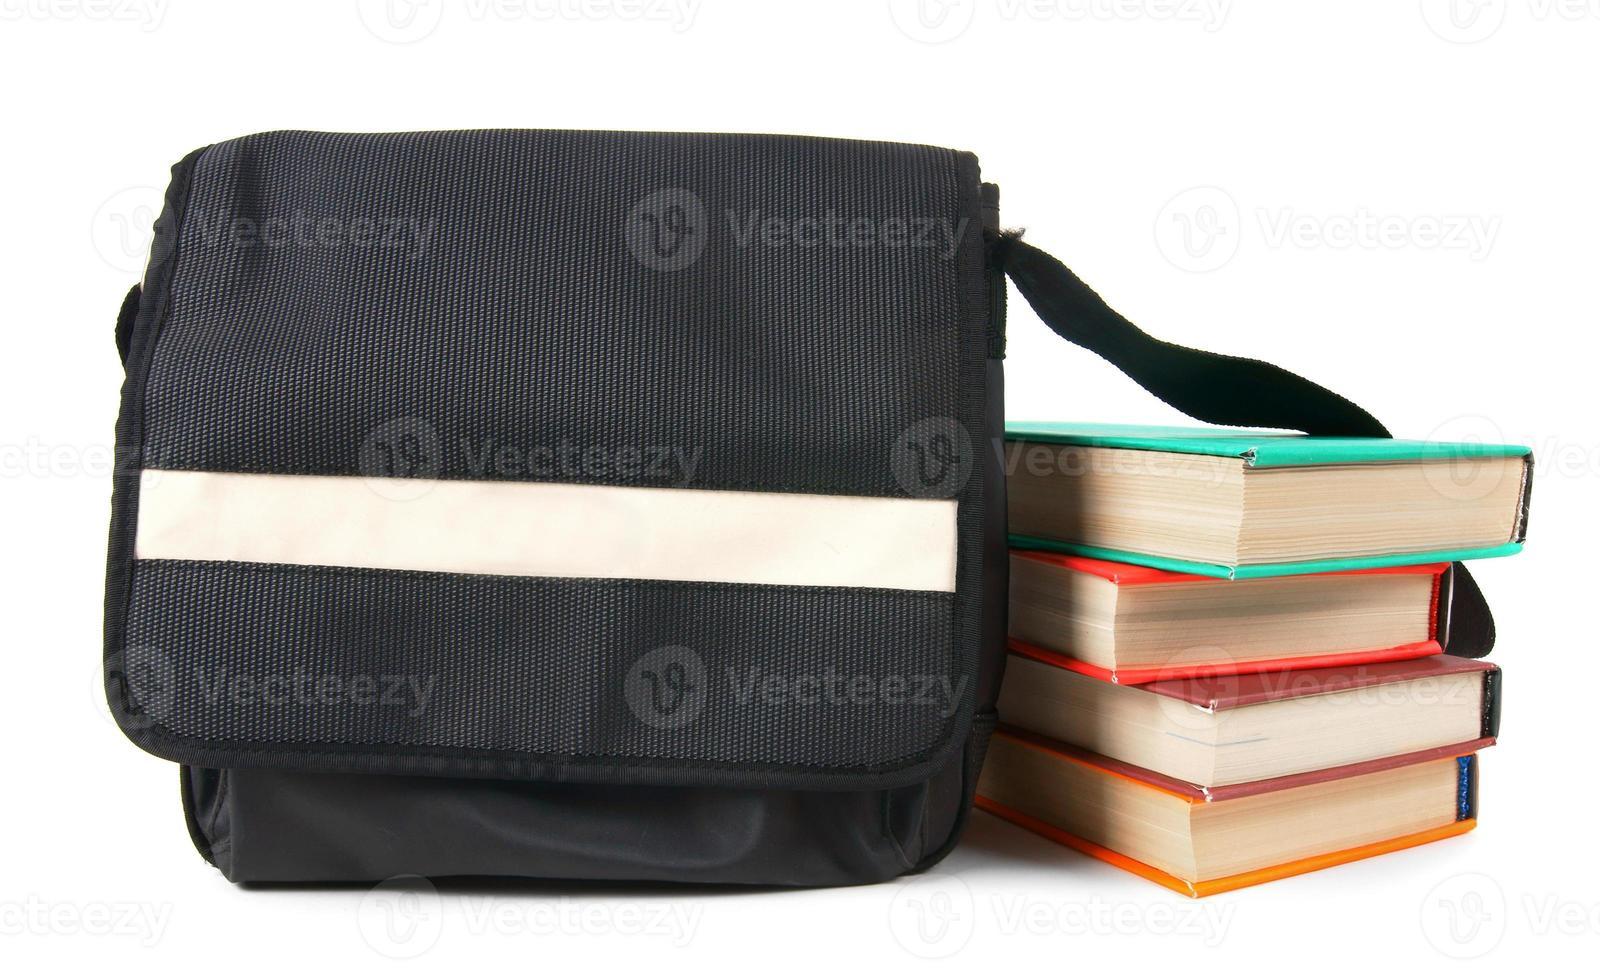 mochila escolar e livros. foto